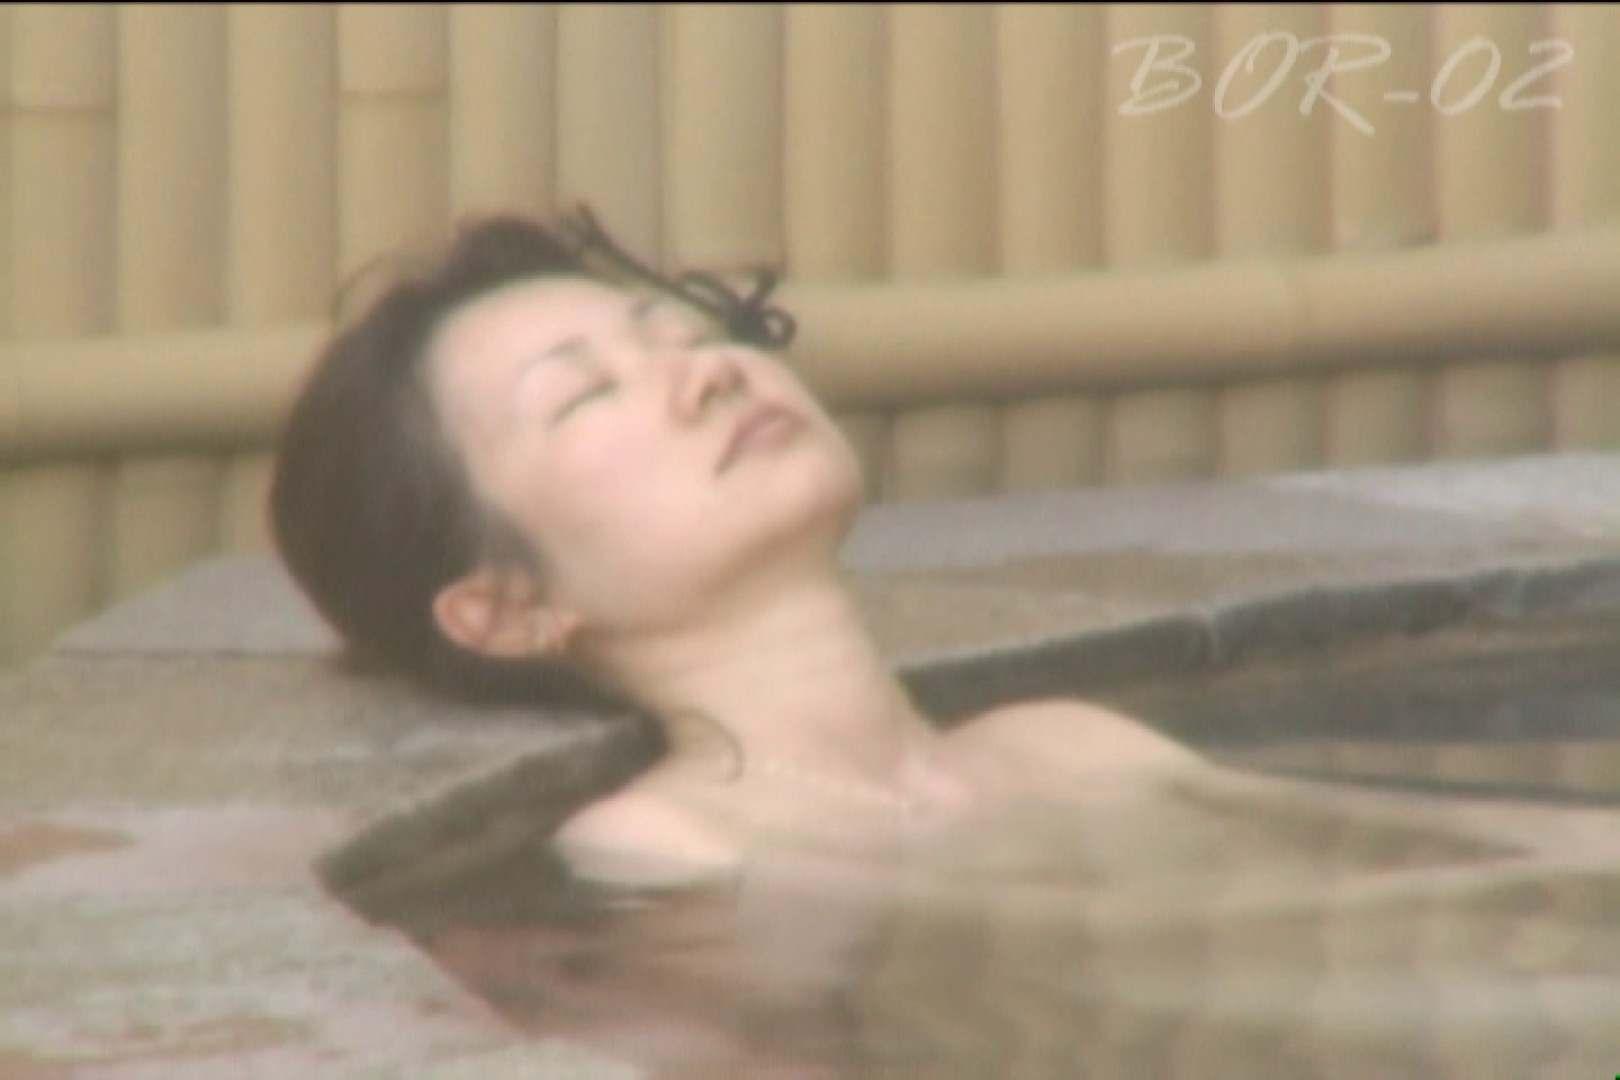 Aquaな露天風呂Vol.477 露天 | 盗撮  86画像 55